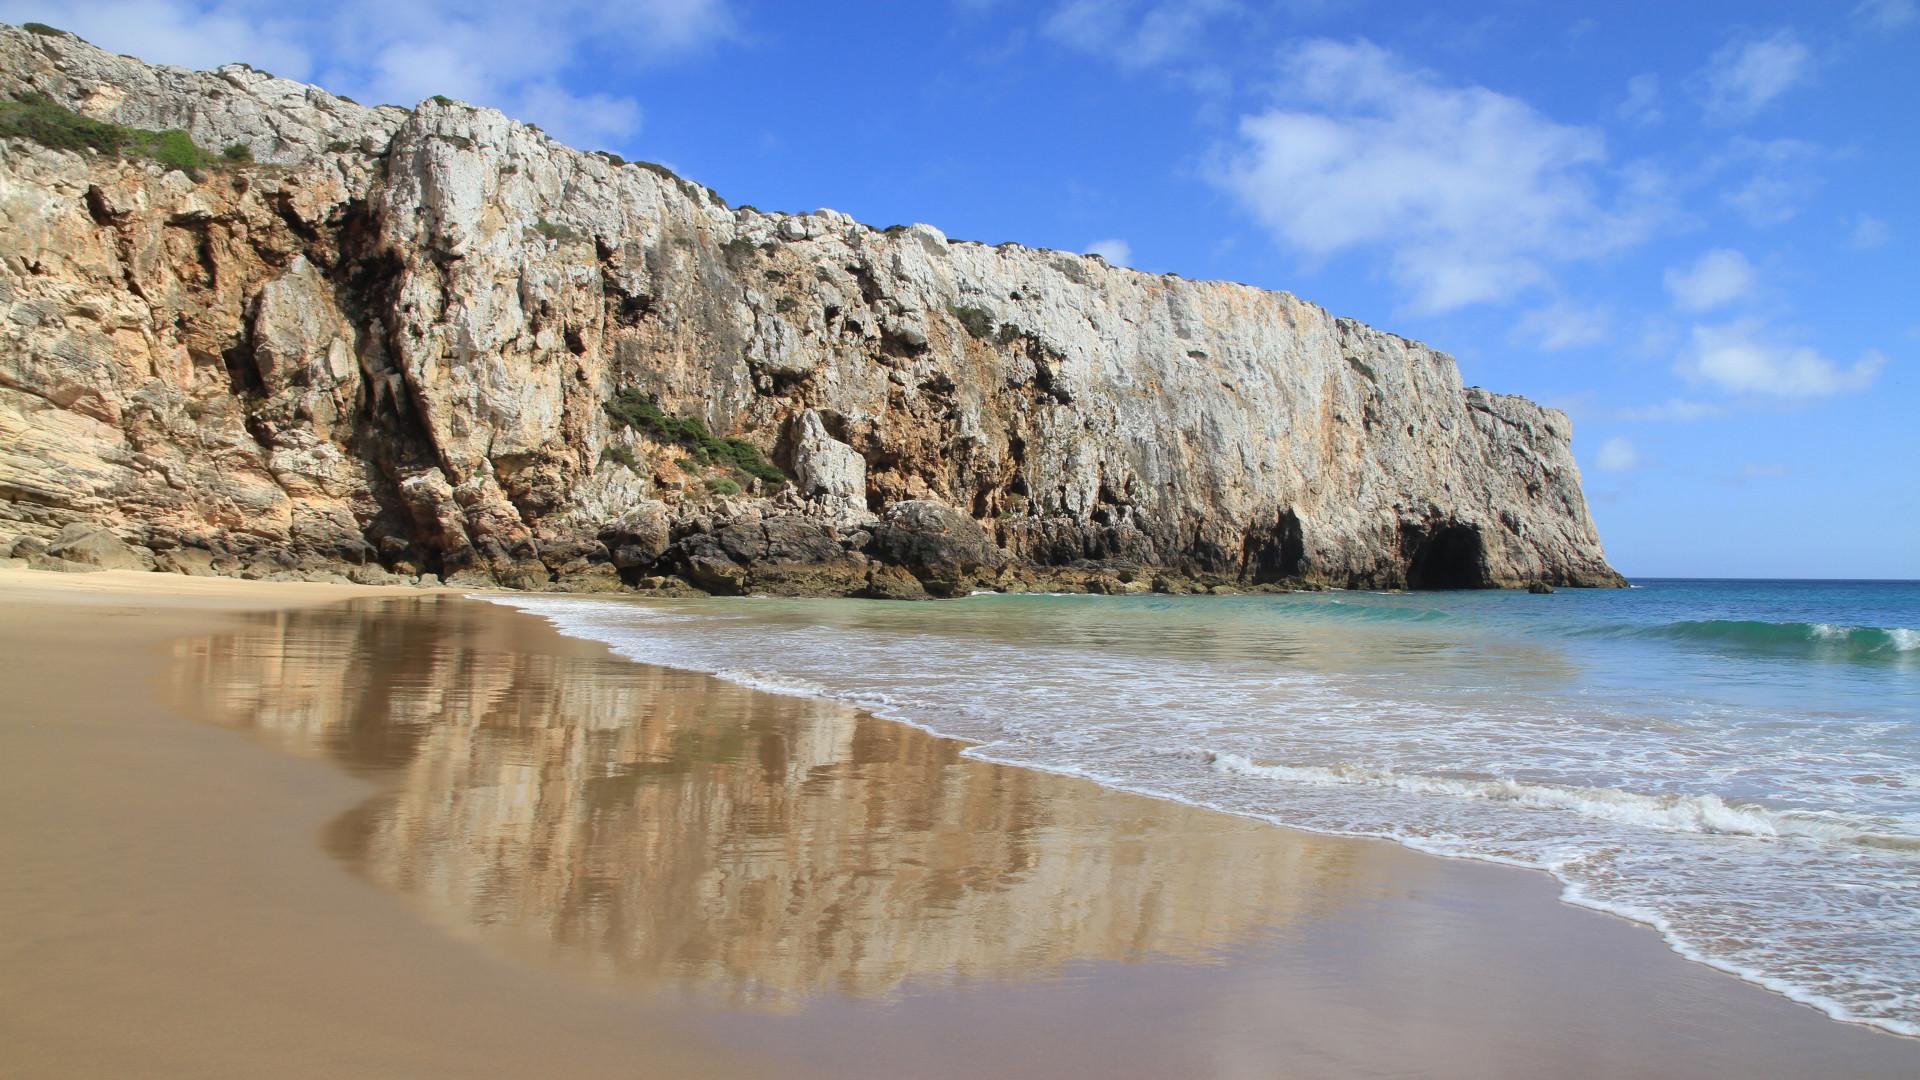 Strand en weerkaatsing van de kliffen, Beliche, Sagres, Portugal